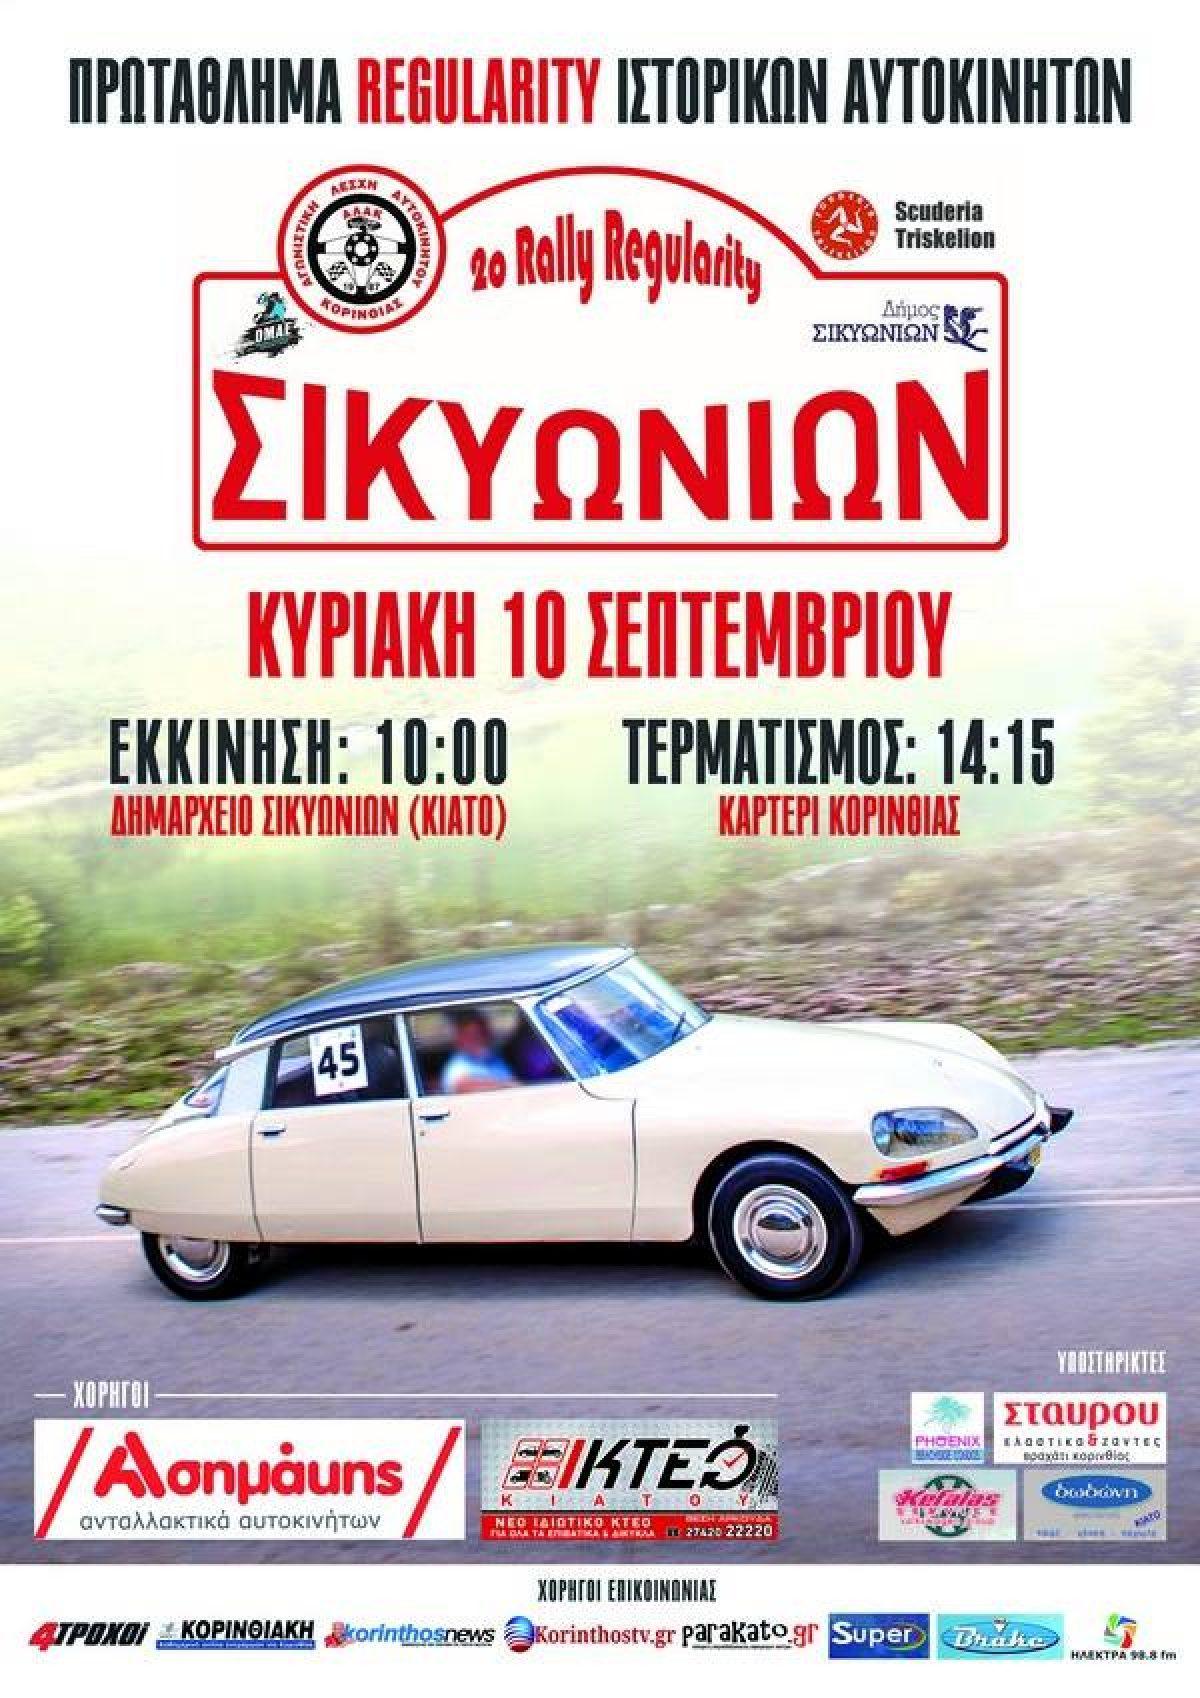 2ο Rally Regularity Σικυωνίων | Με 51 συμμετοχές